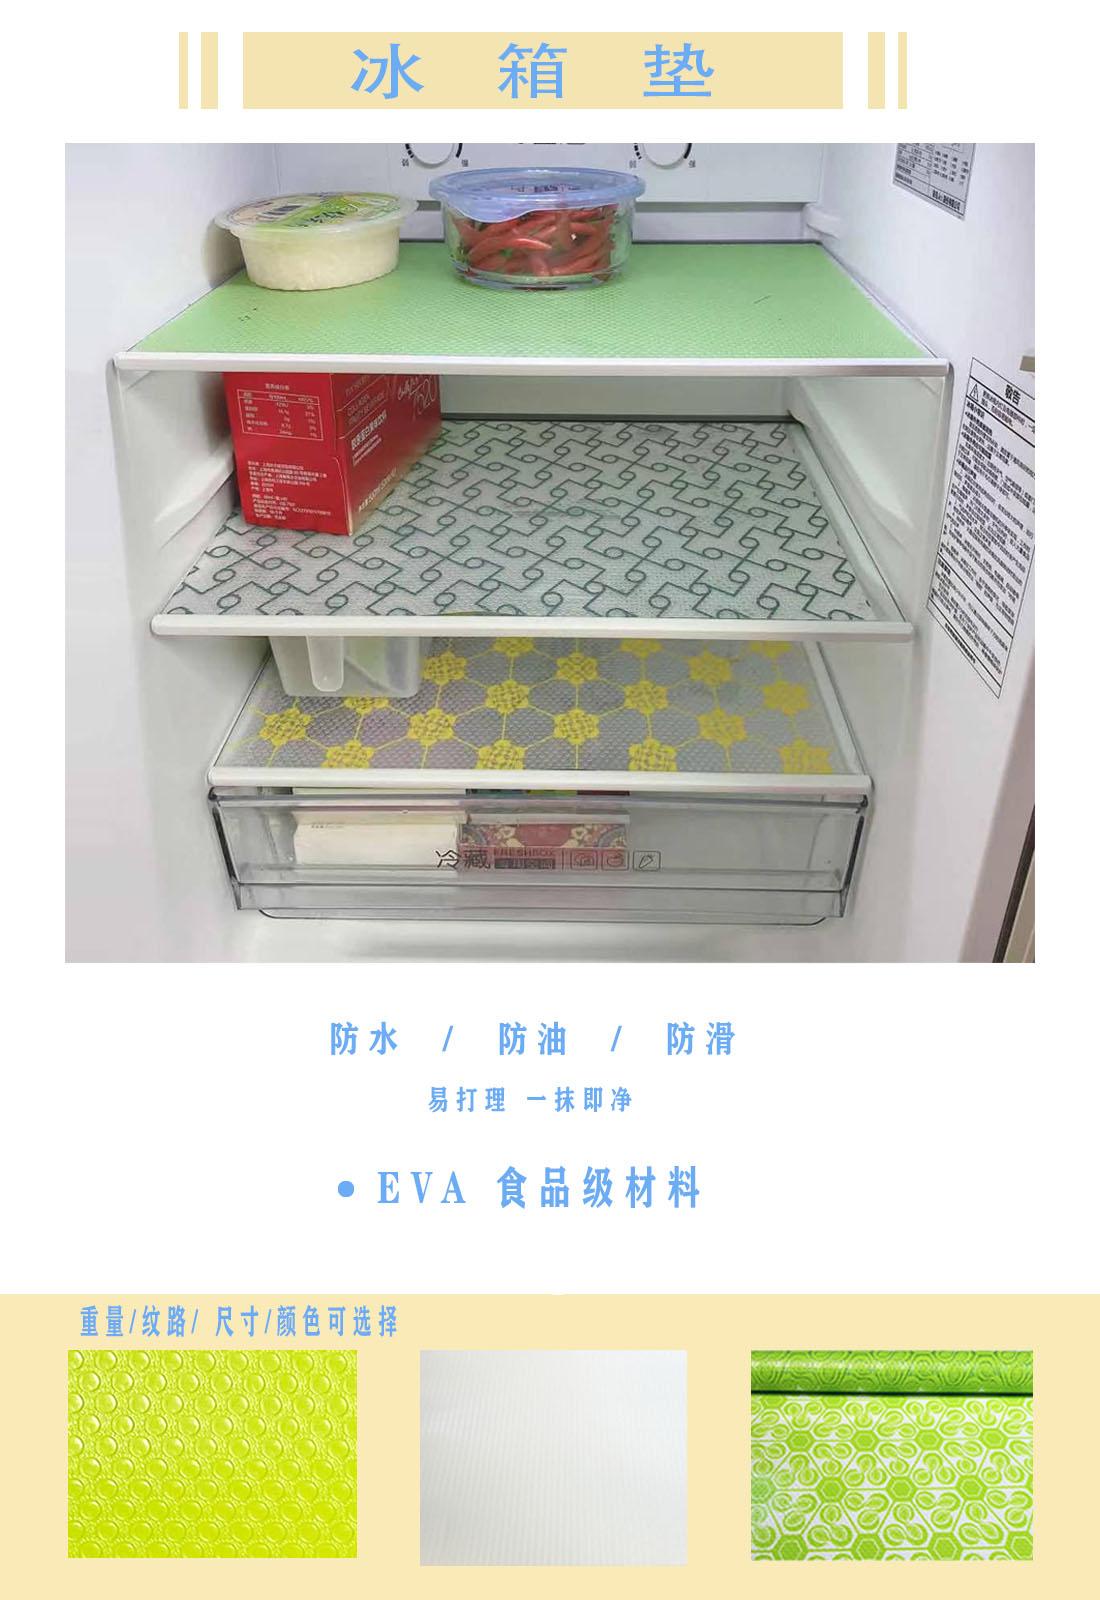 冰箱垫案例